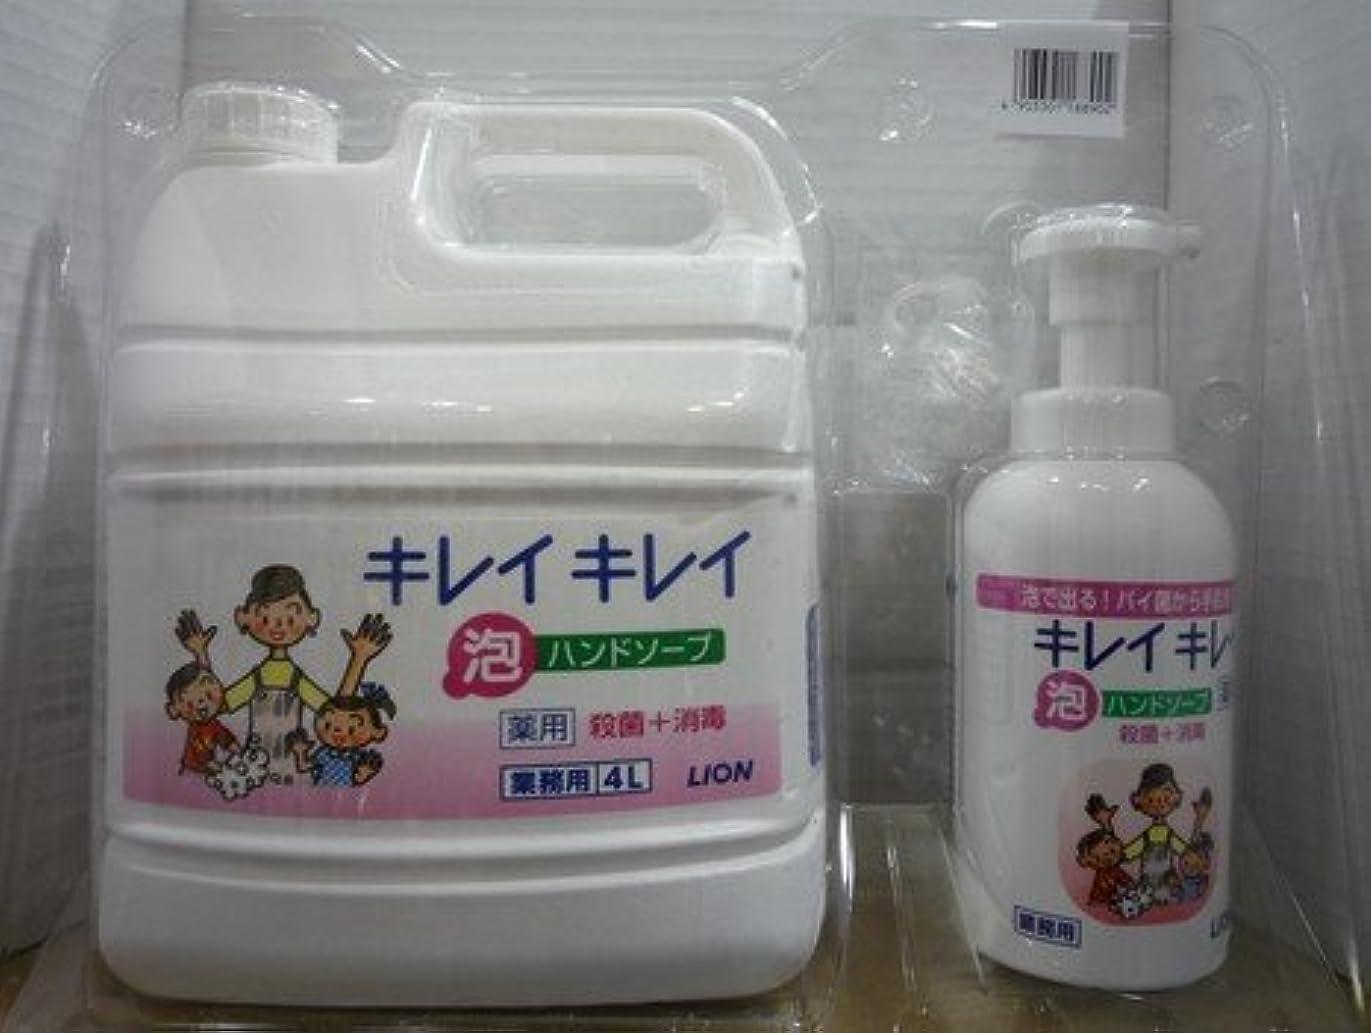 着陸法律により村キレイキレイ 薬用泡ハンドソープ 業務用 4L+キレイキレイ 薬用泡ハンドソープボトル550ml